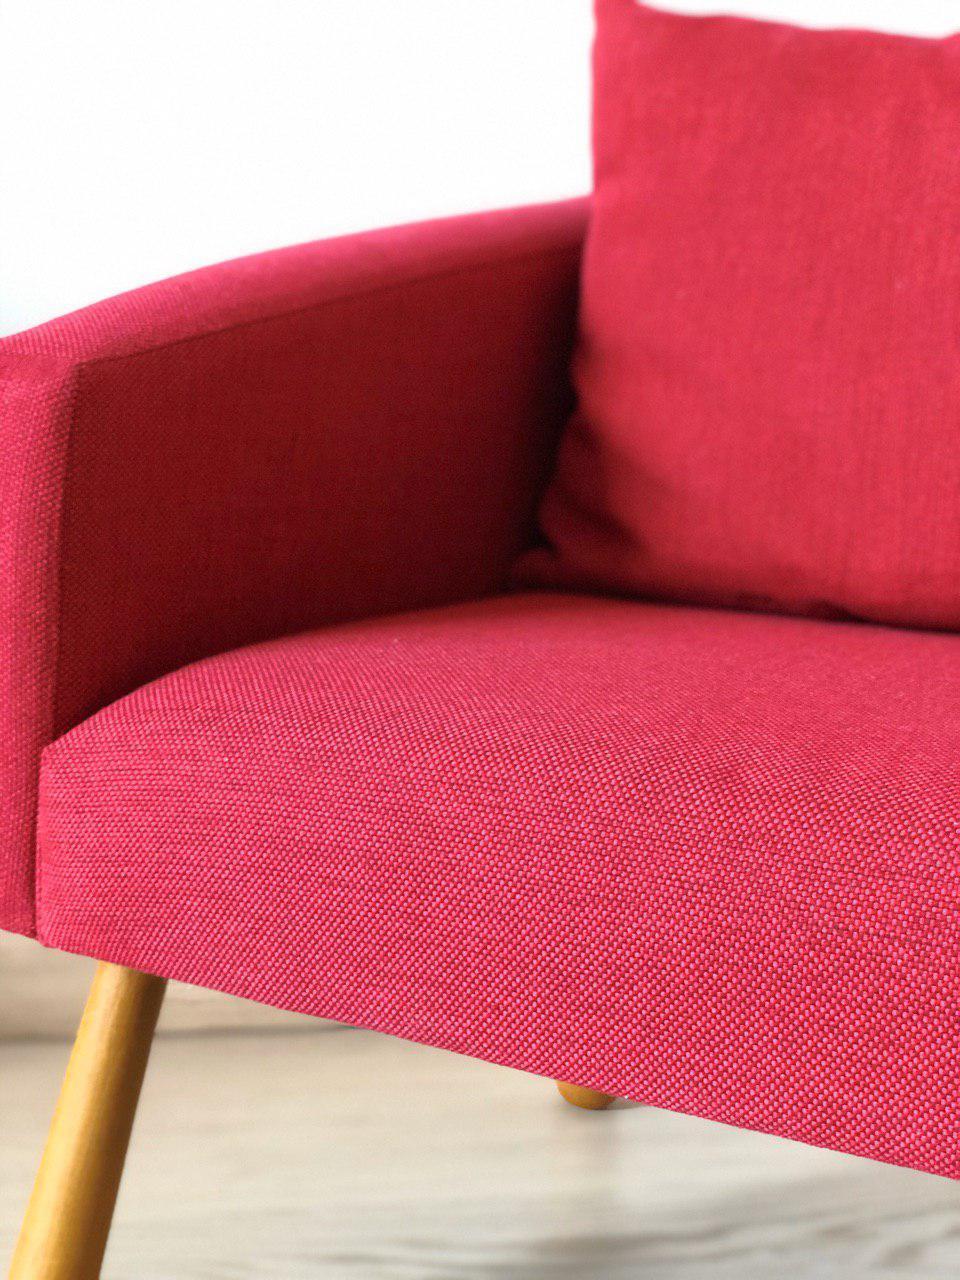 детское красивое кресло: детали